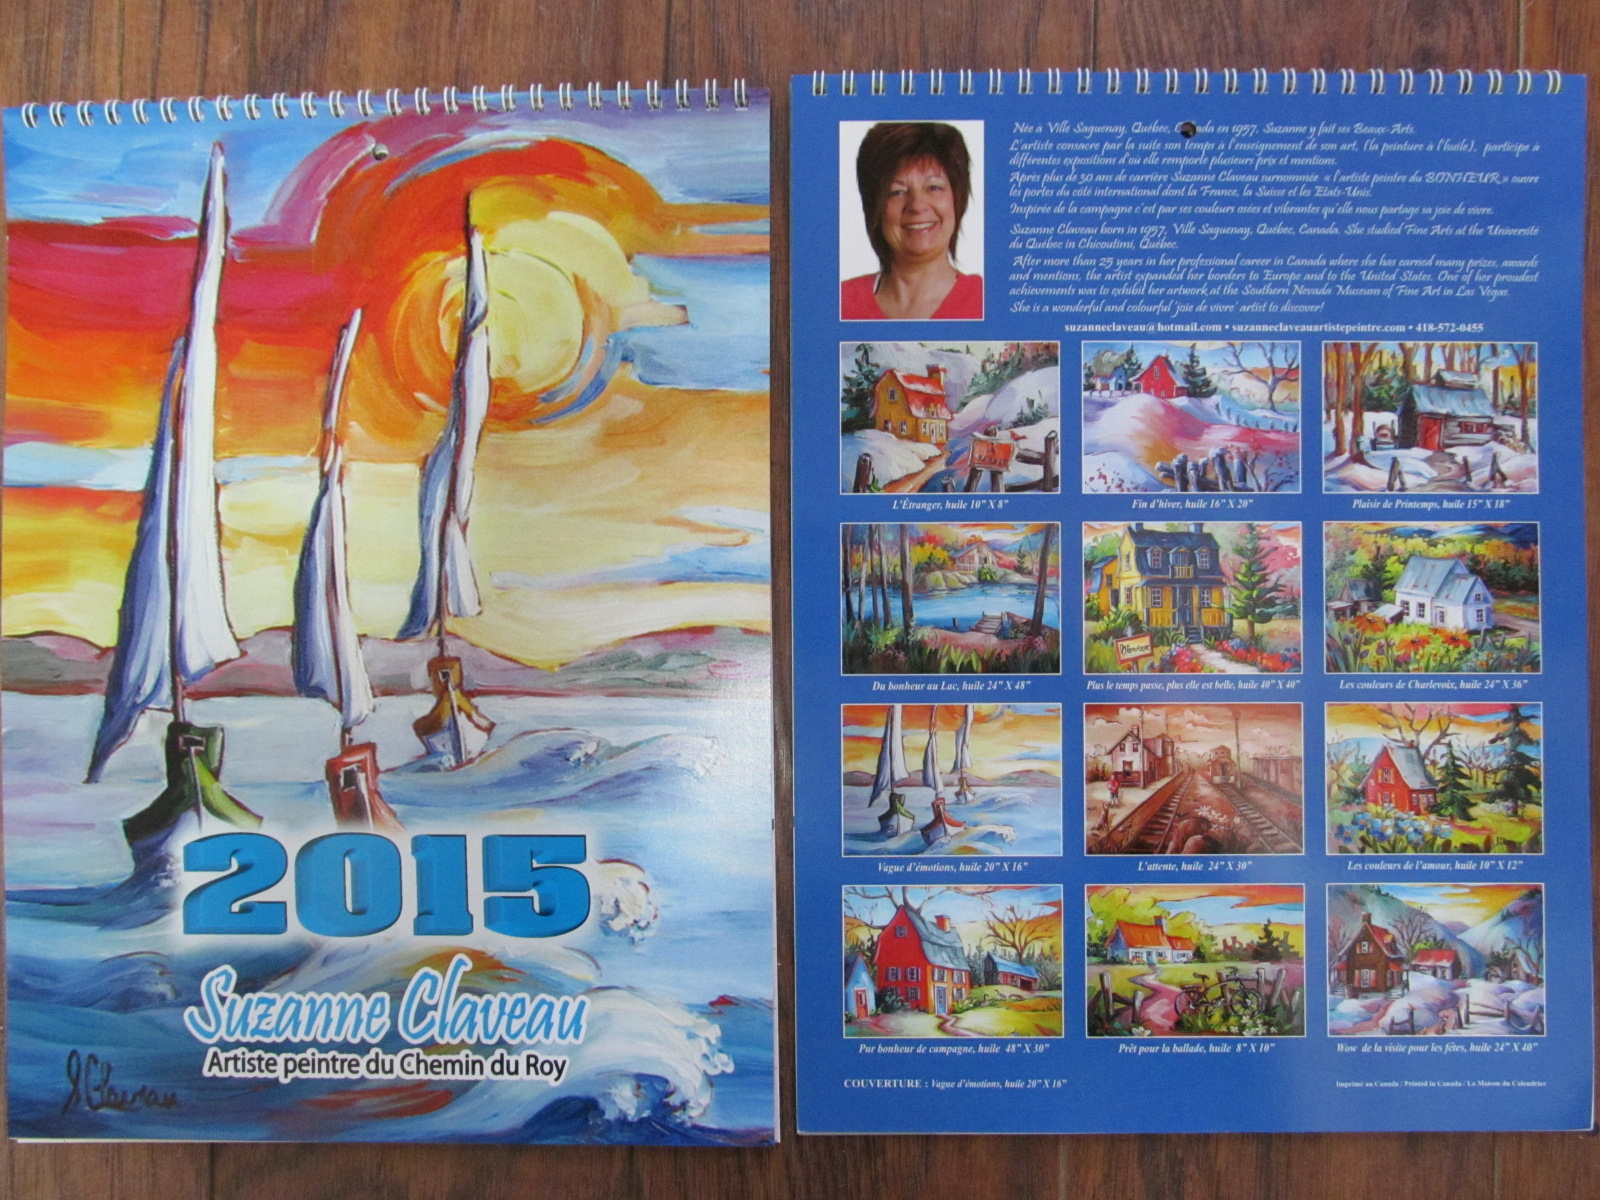 Calendrier 2015 avec 12 tableux de S. Claveau $10.JPG